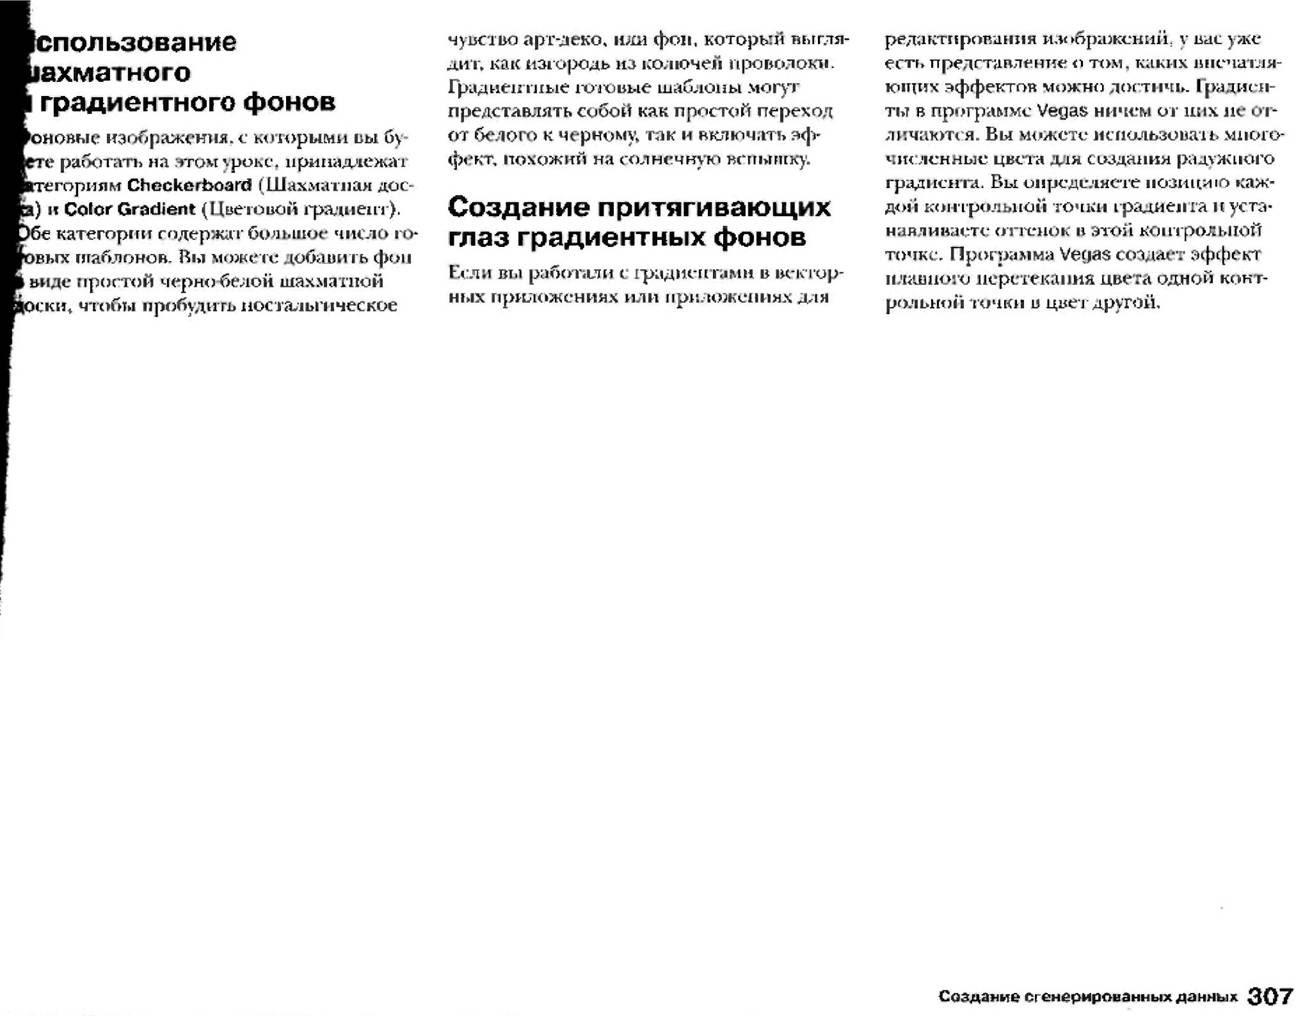 http://redaktori-uroki.3dn.ru/_ph/12/745995674.jpg